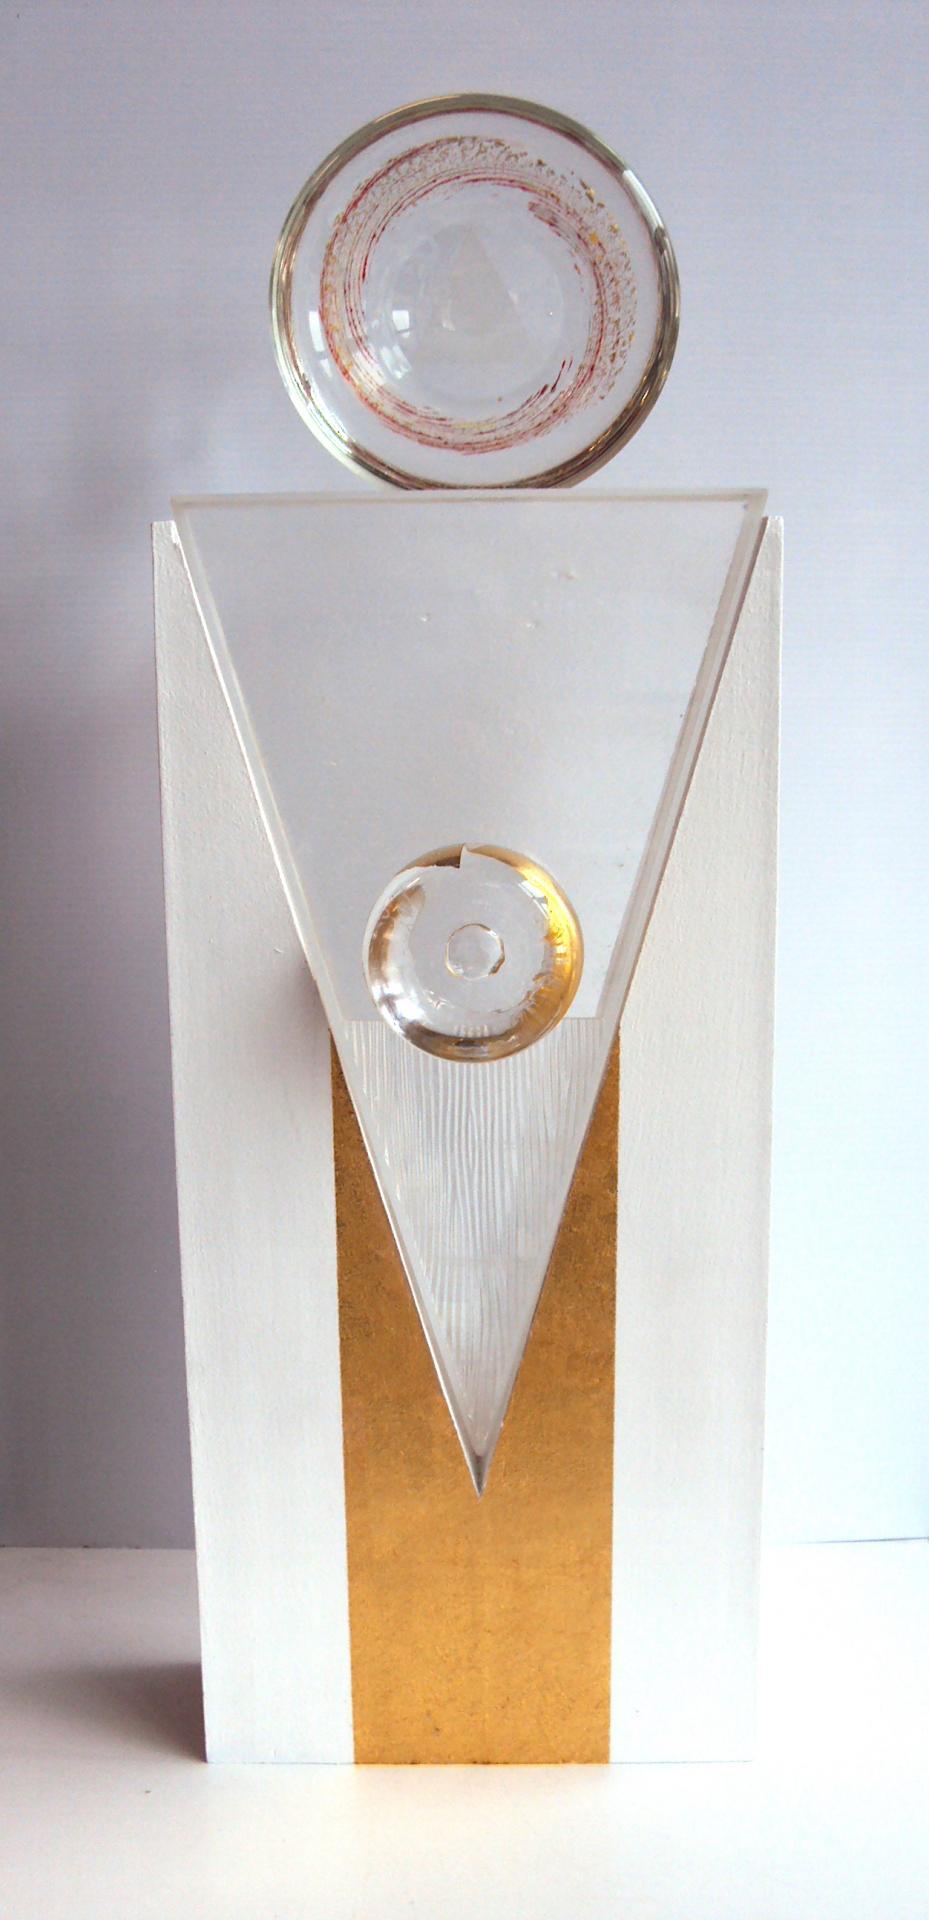 Sculpture Cristal Optique,Or, verre soufflé